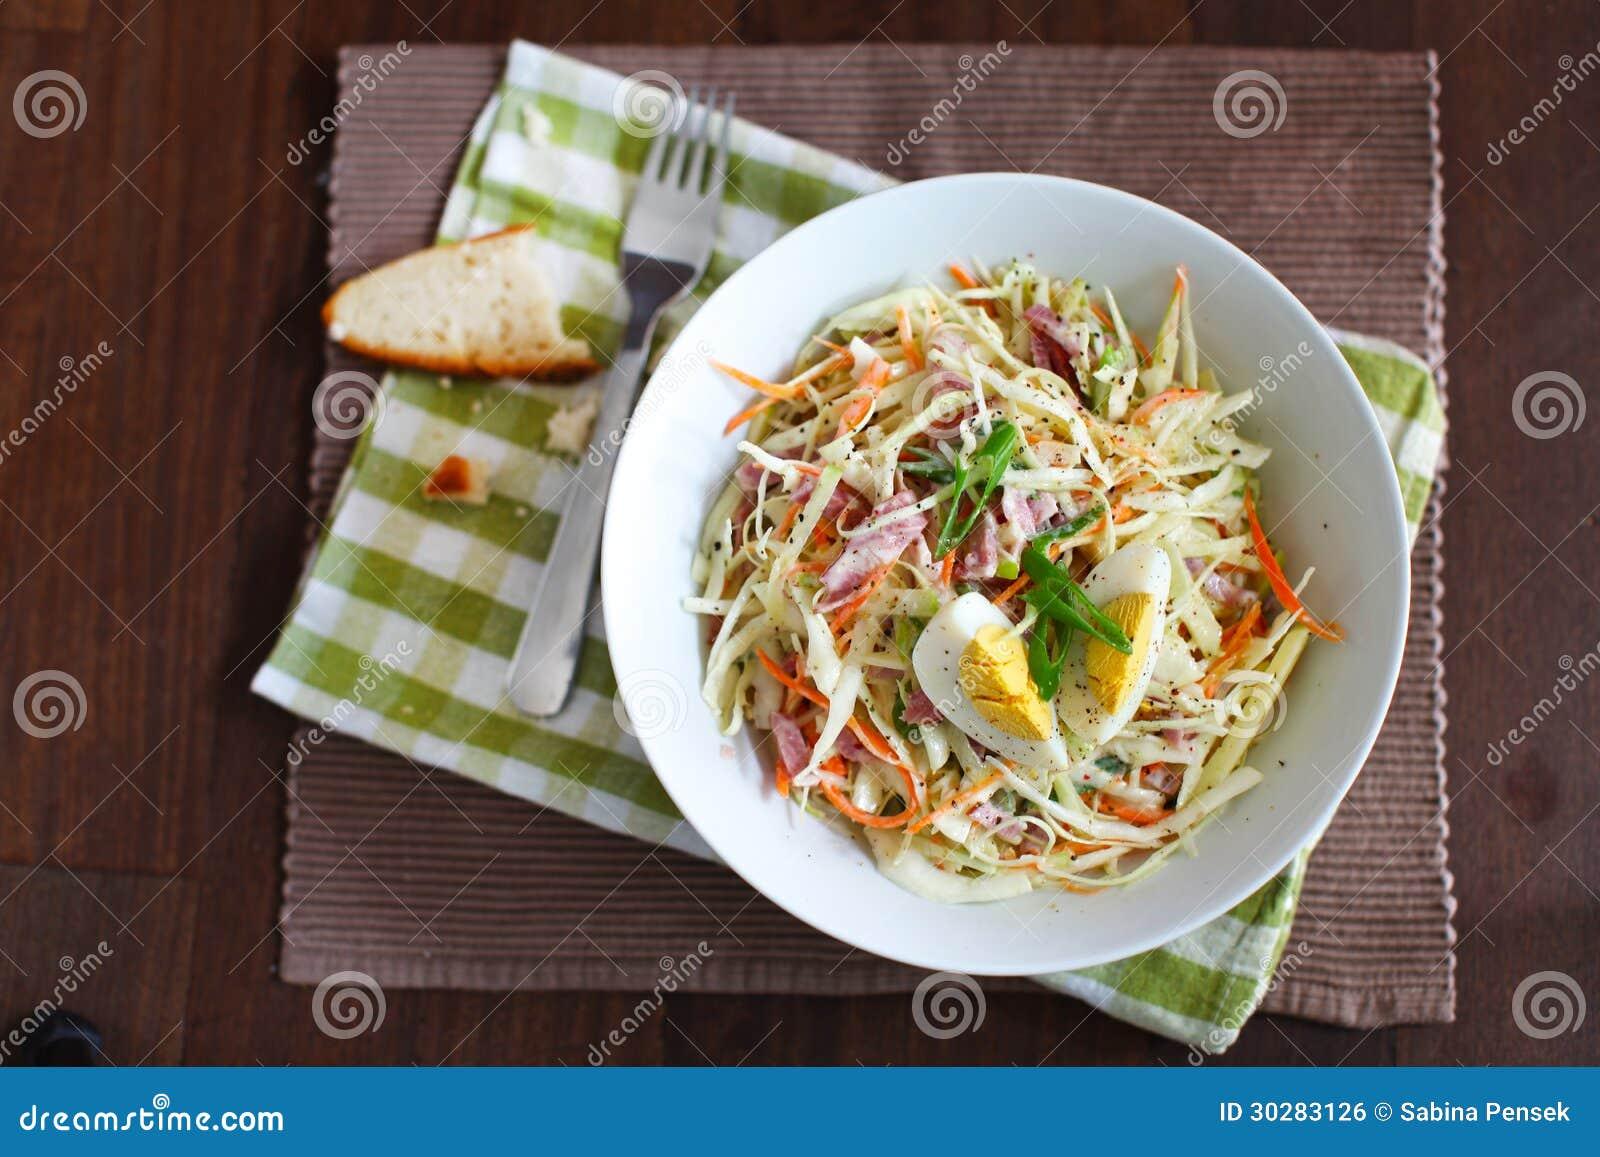 凉拌卷心菜沙拉用苹果、火腿和水煮蛋